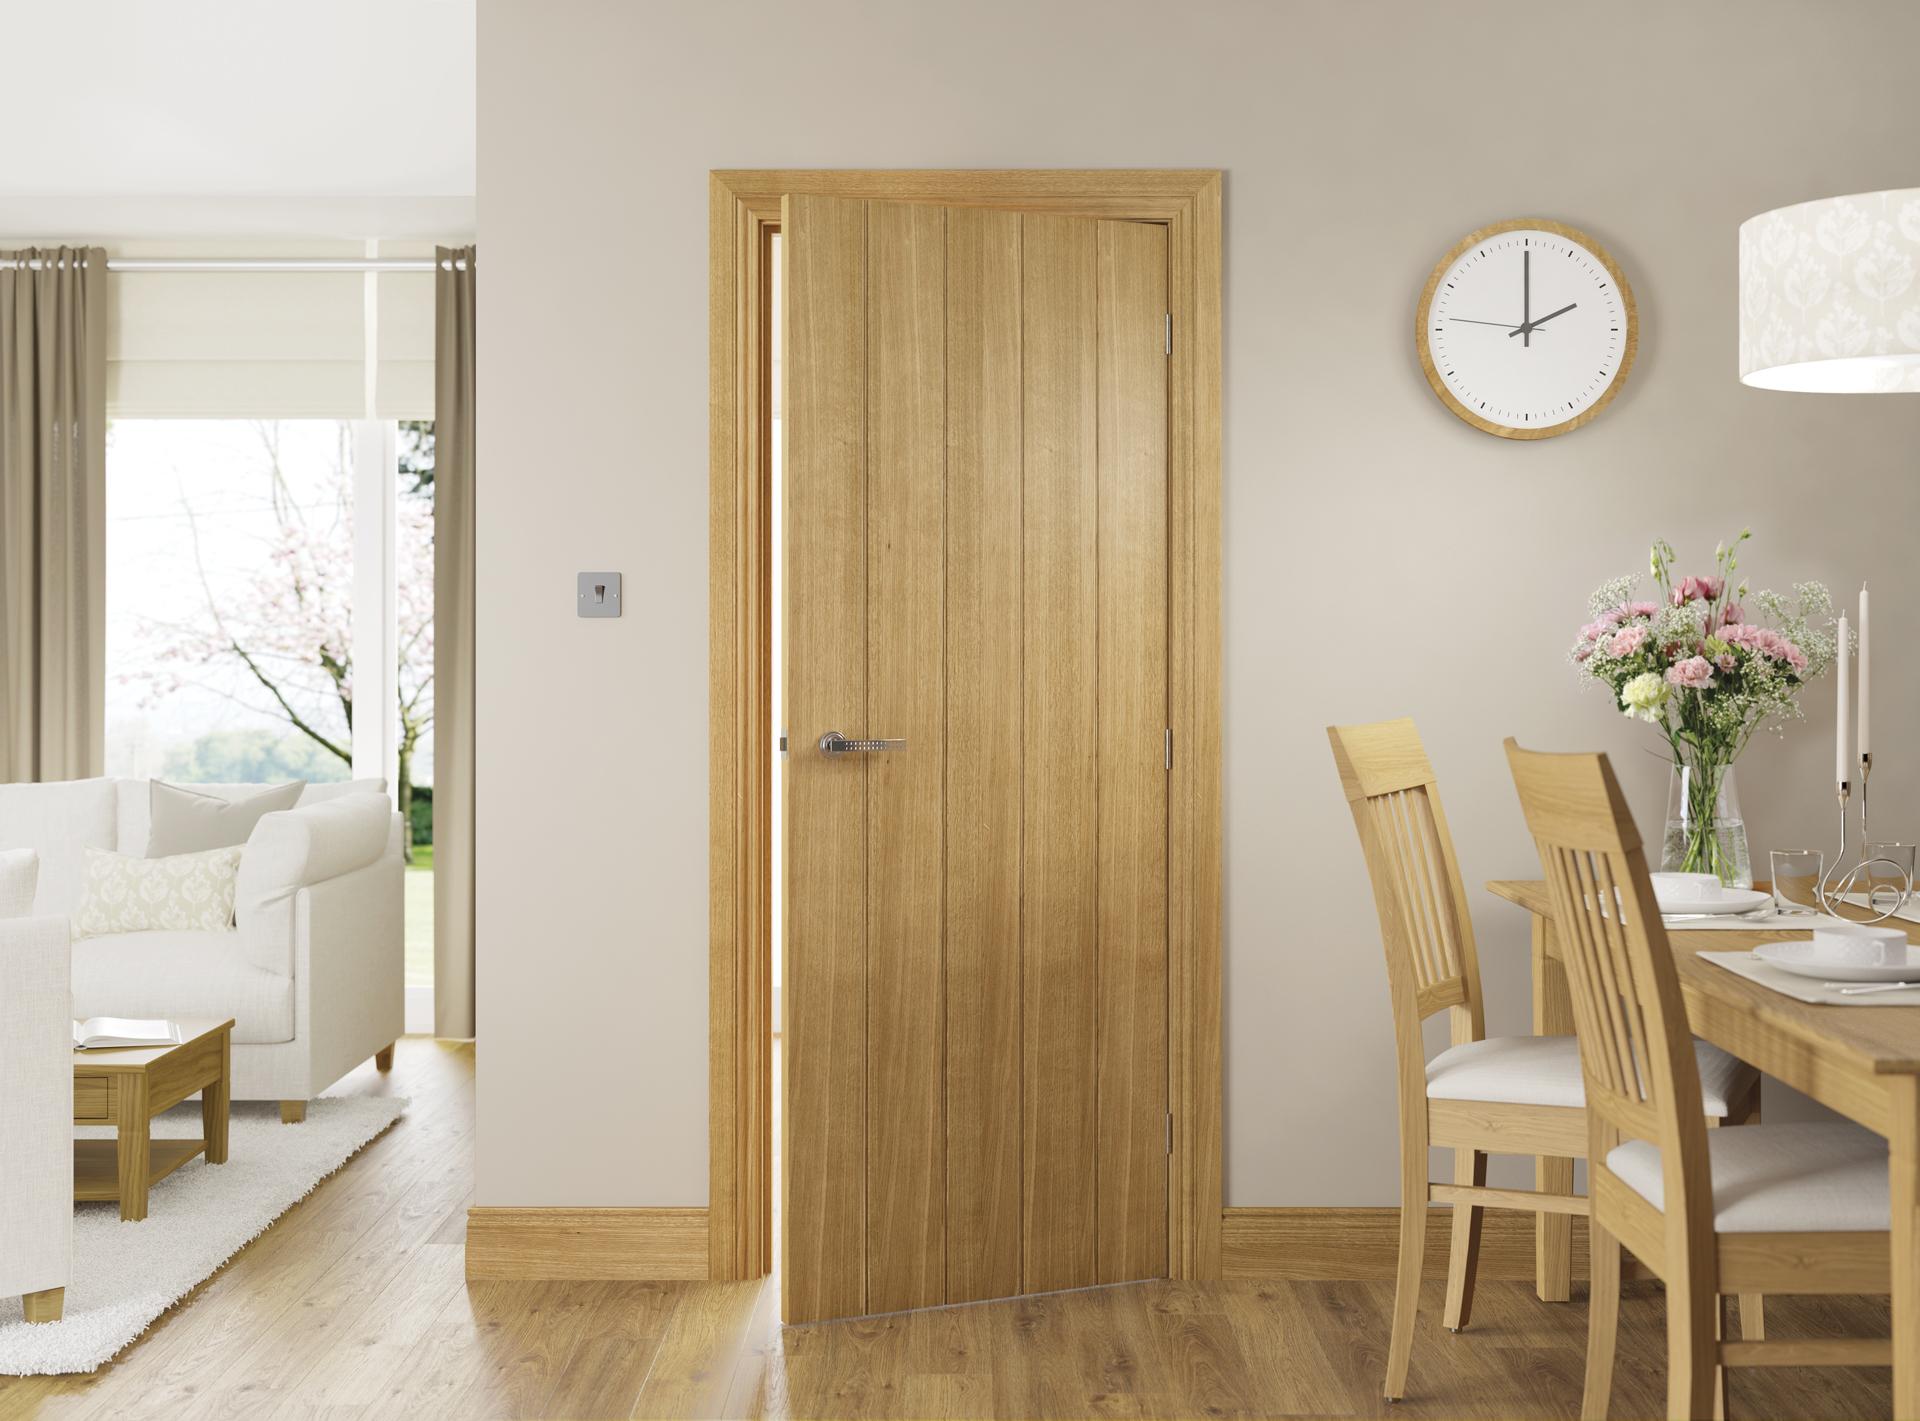 Galway Oak interior door